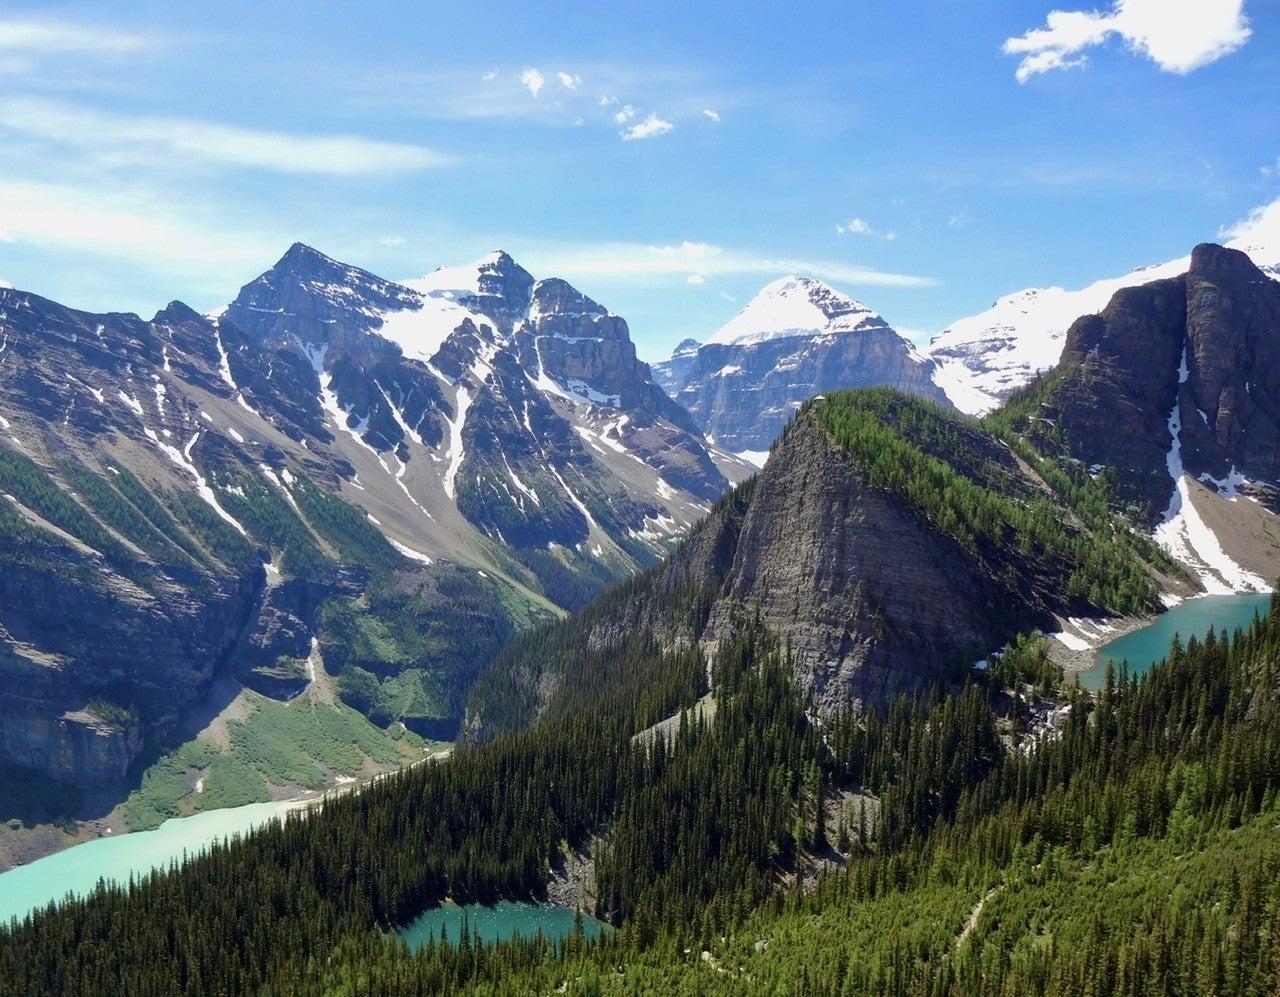 カナダ・ロッキー山脈の氷河湖の謎。青き湖の秘密を1分で解説![1枚 ...